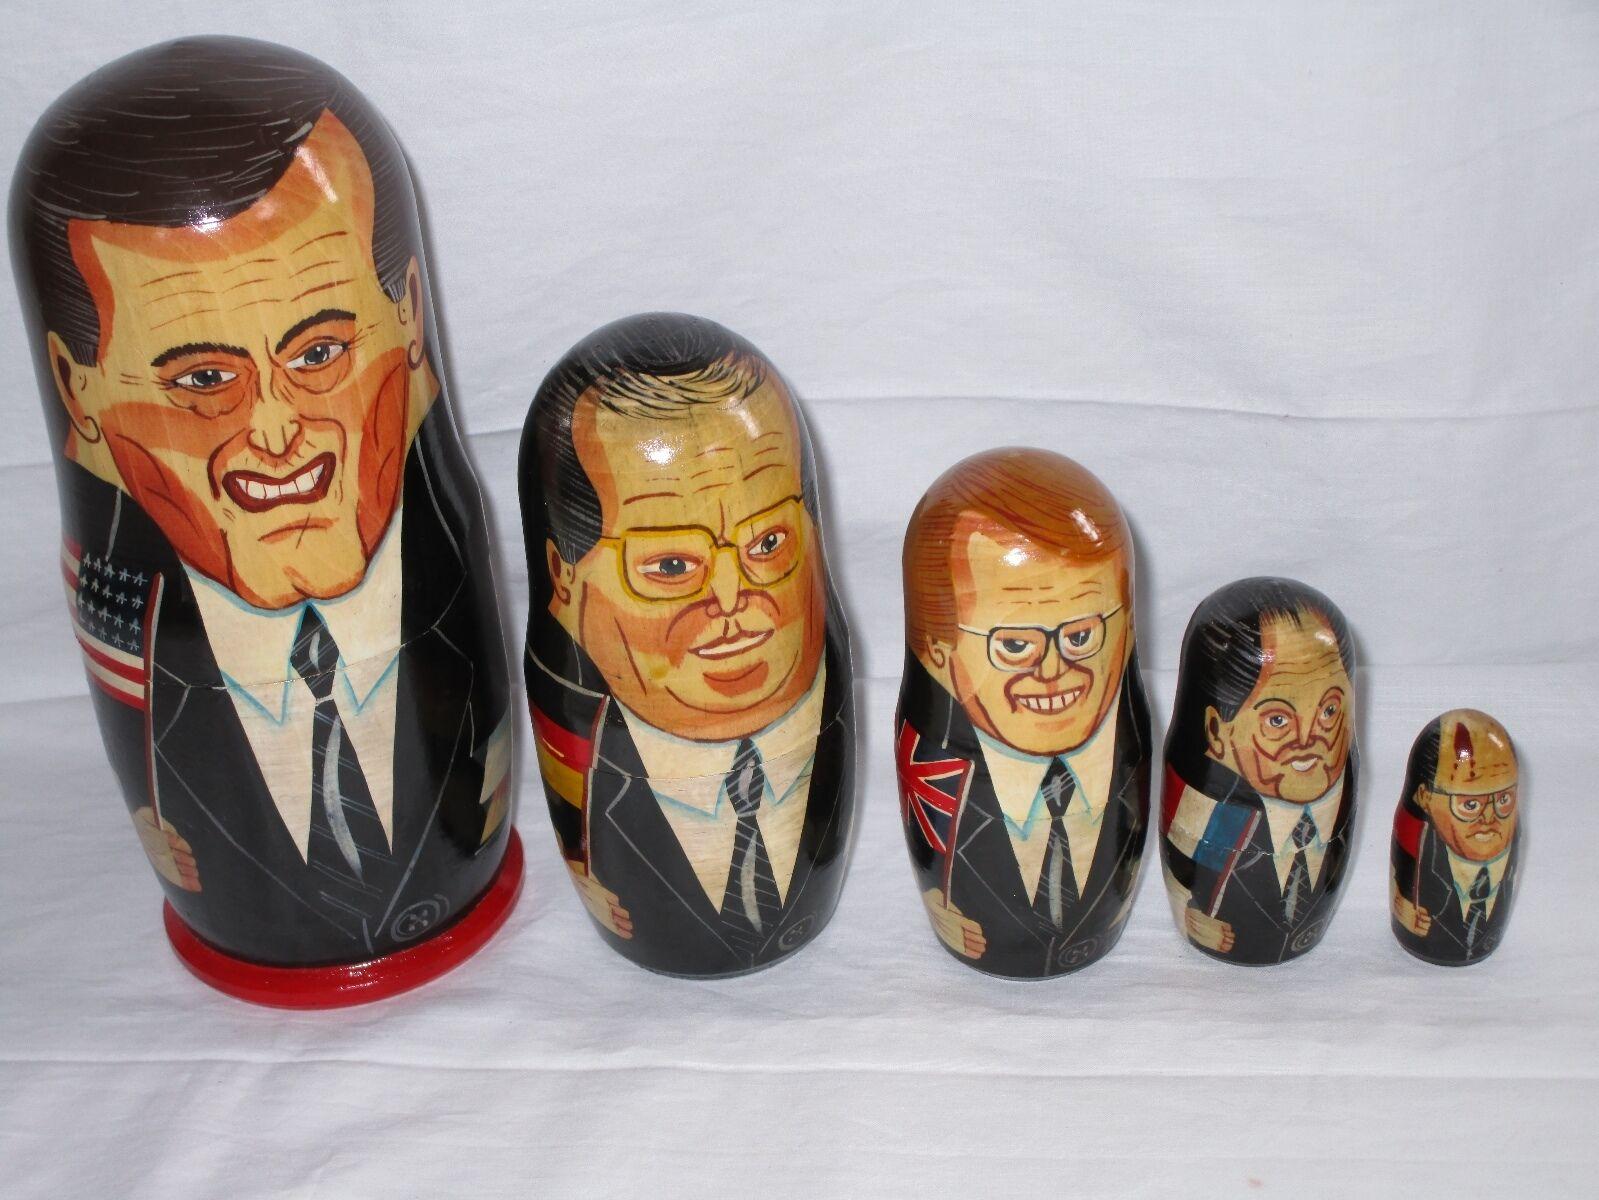 nuovo stile Political Nesting bambolas  autobush, Mitterre, Kohl, Major, Major, Major, Gorbachev RARE  acquista la qualità autentica al 100%